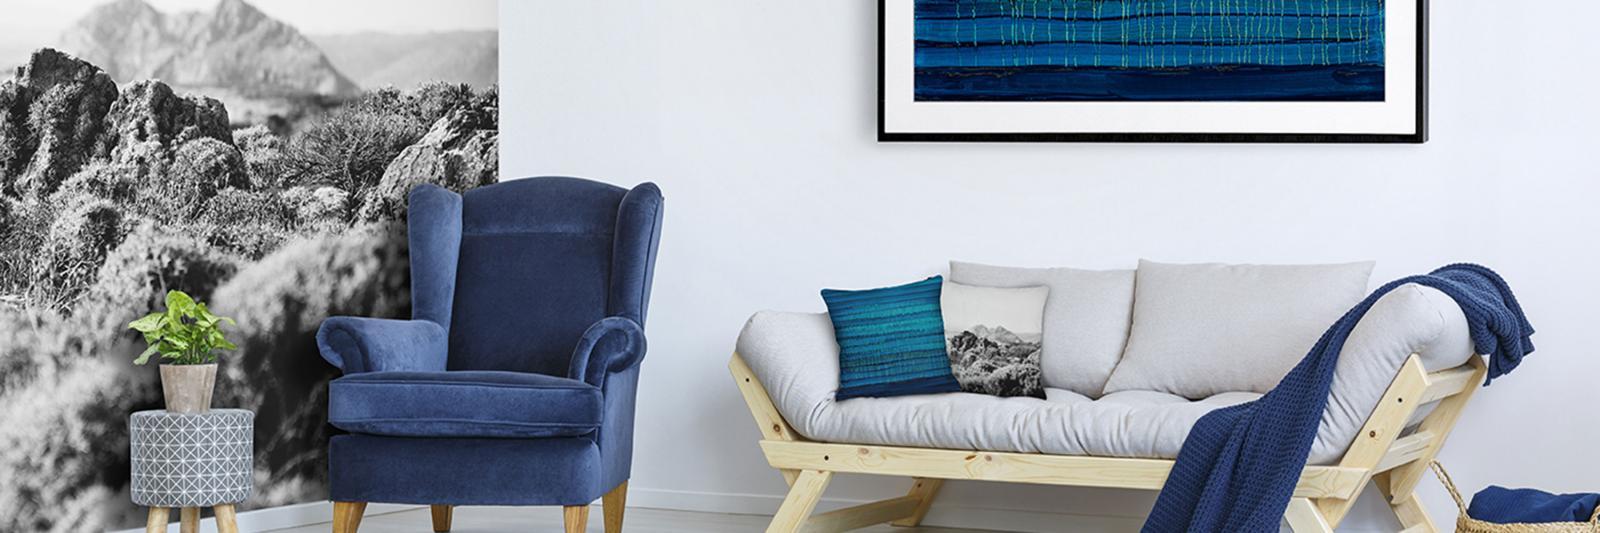 Druckmedien für Fotomehrwertprodukte - Zimmer mit grauer Couch, blauem Sessel, grauer Fototapete und Poster blau